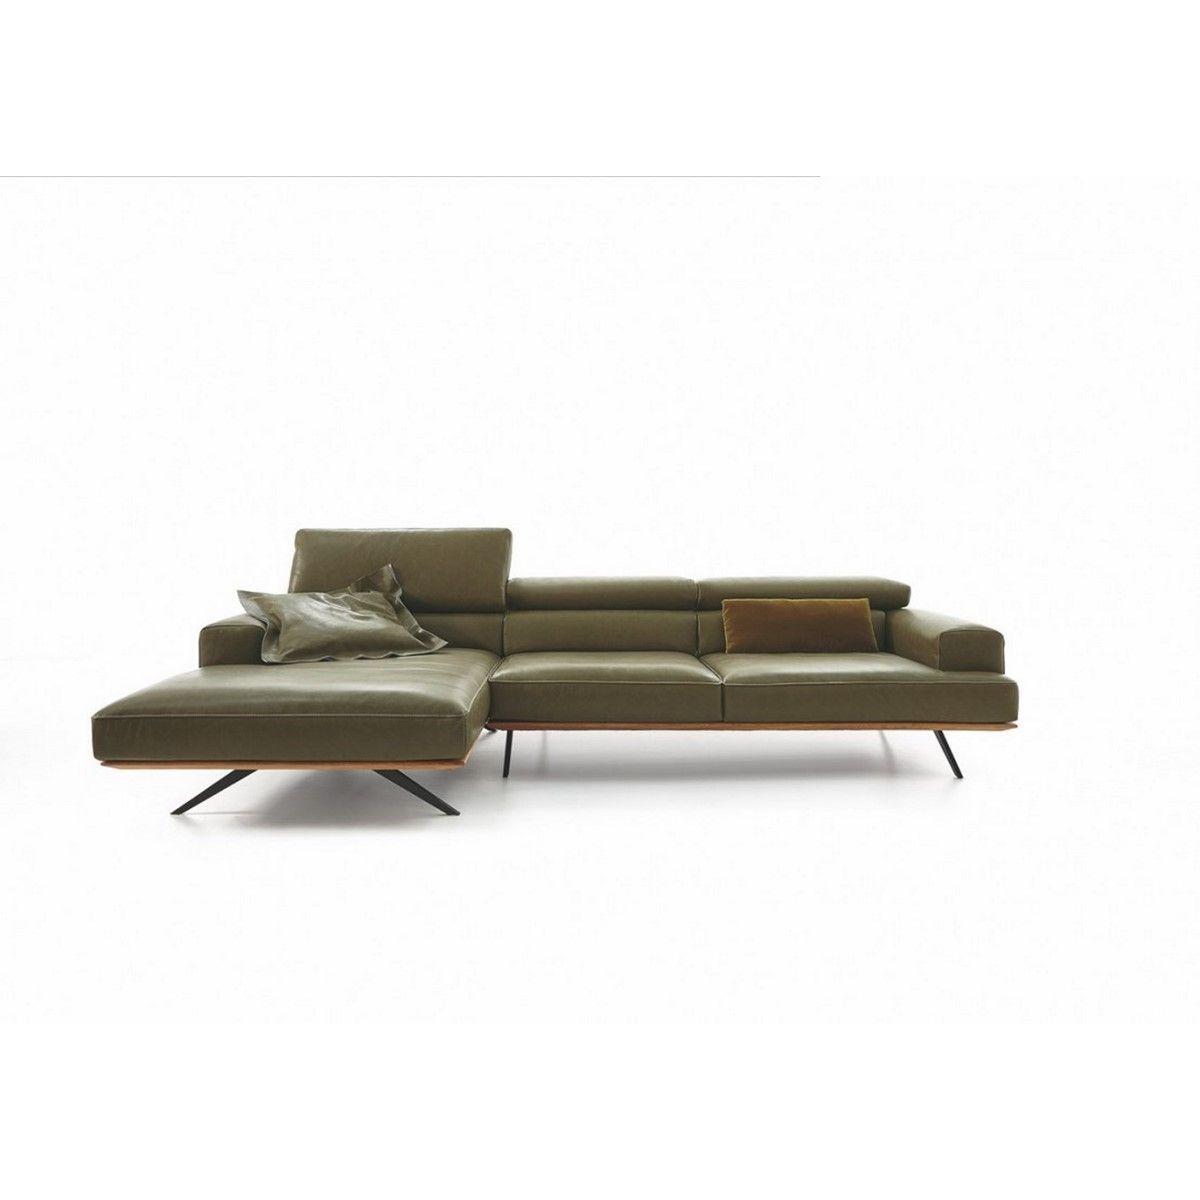 Large Profondeur Avec Modifiable Assise Cuir Canapé Longue Chaise LqSzGMpUV